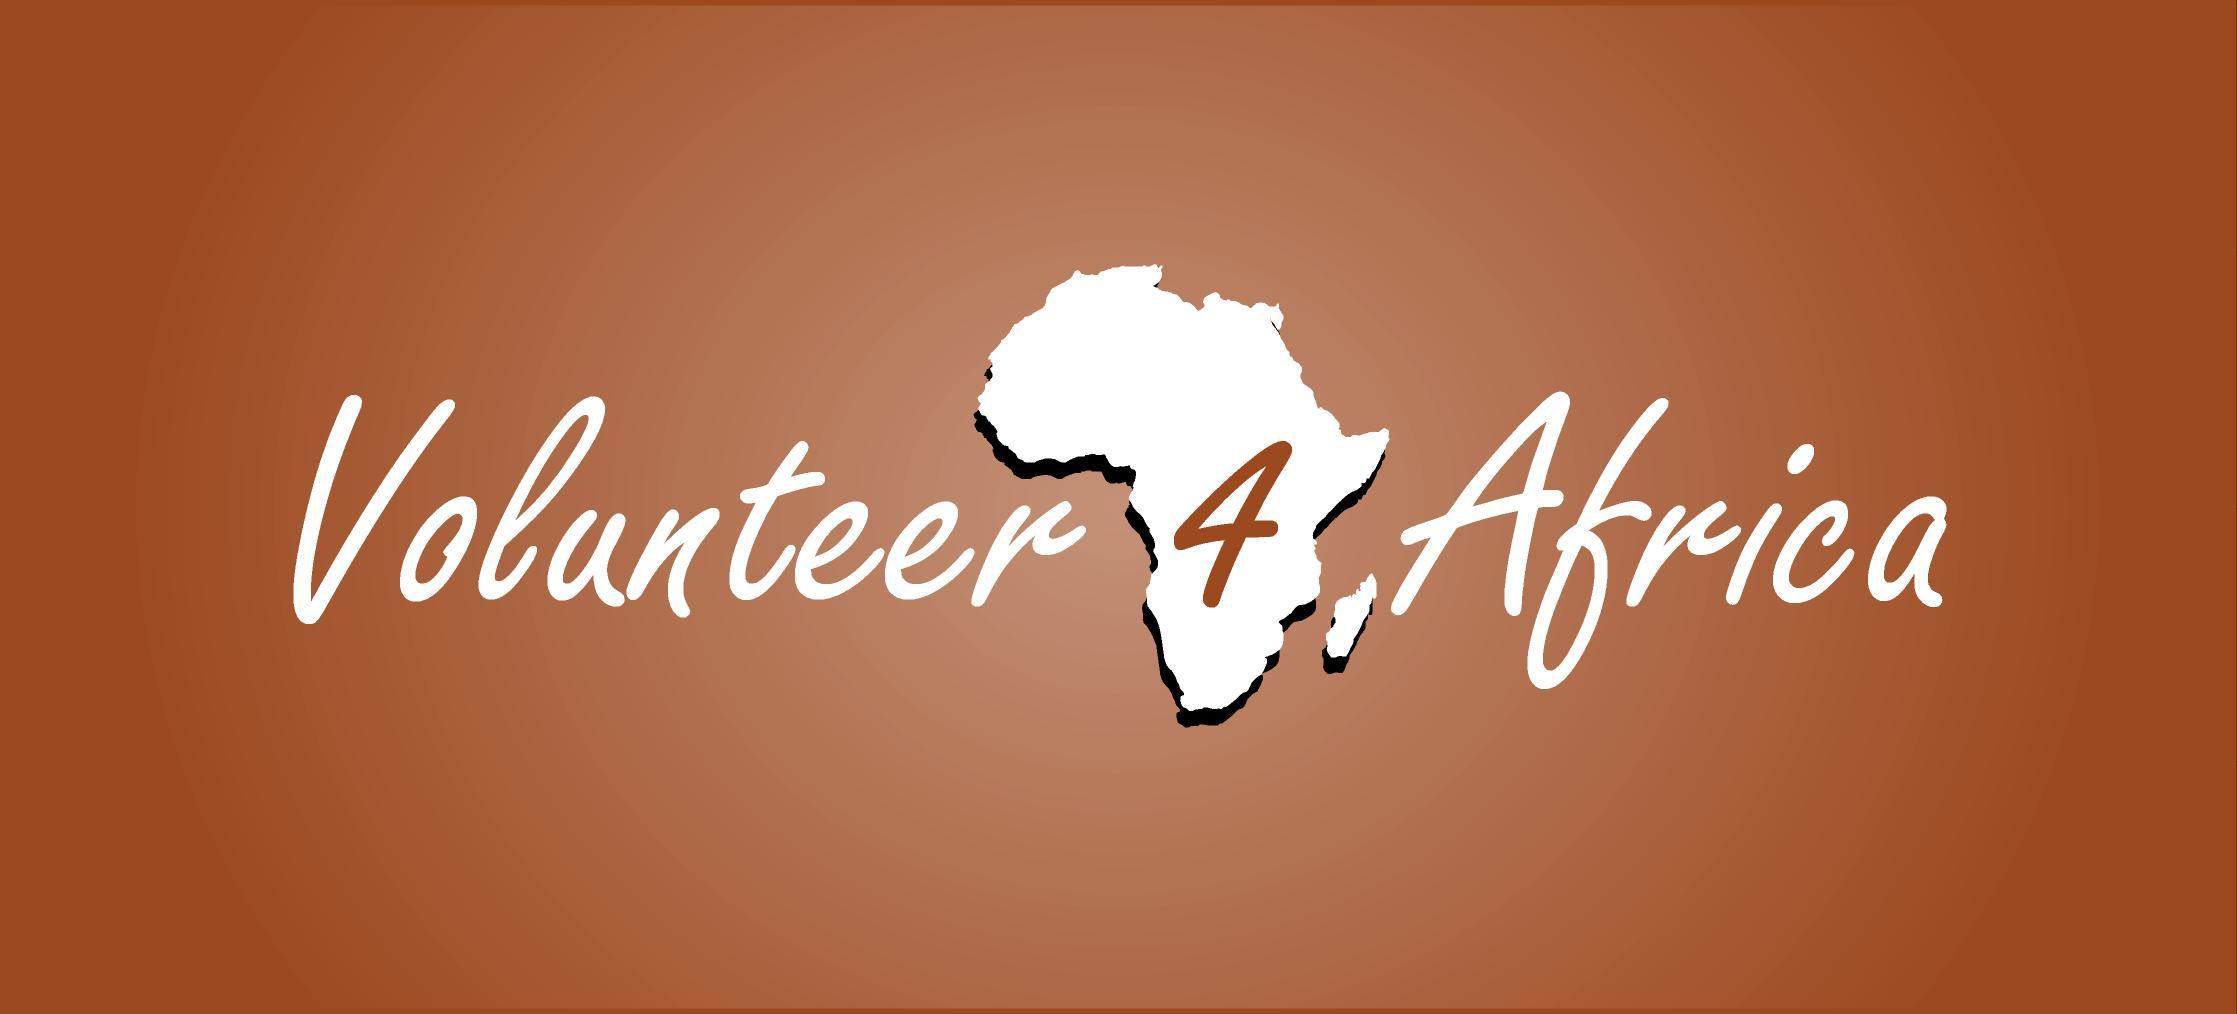 Volunteer 4 Africa